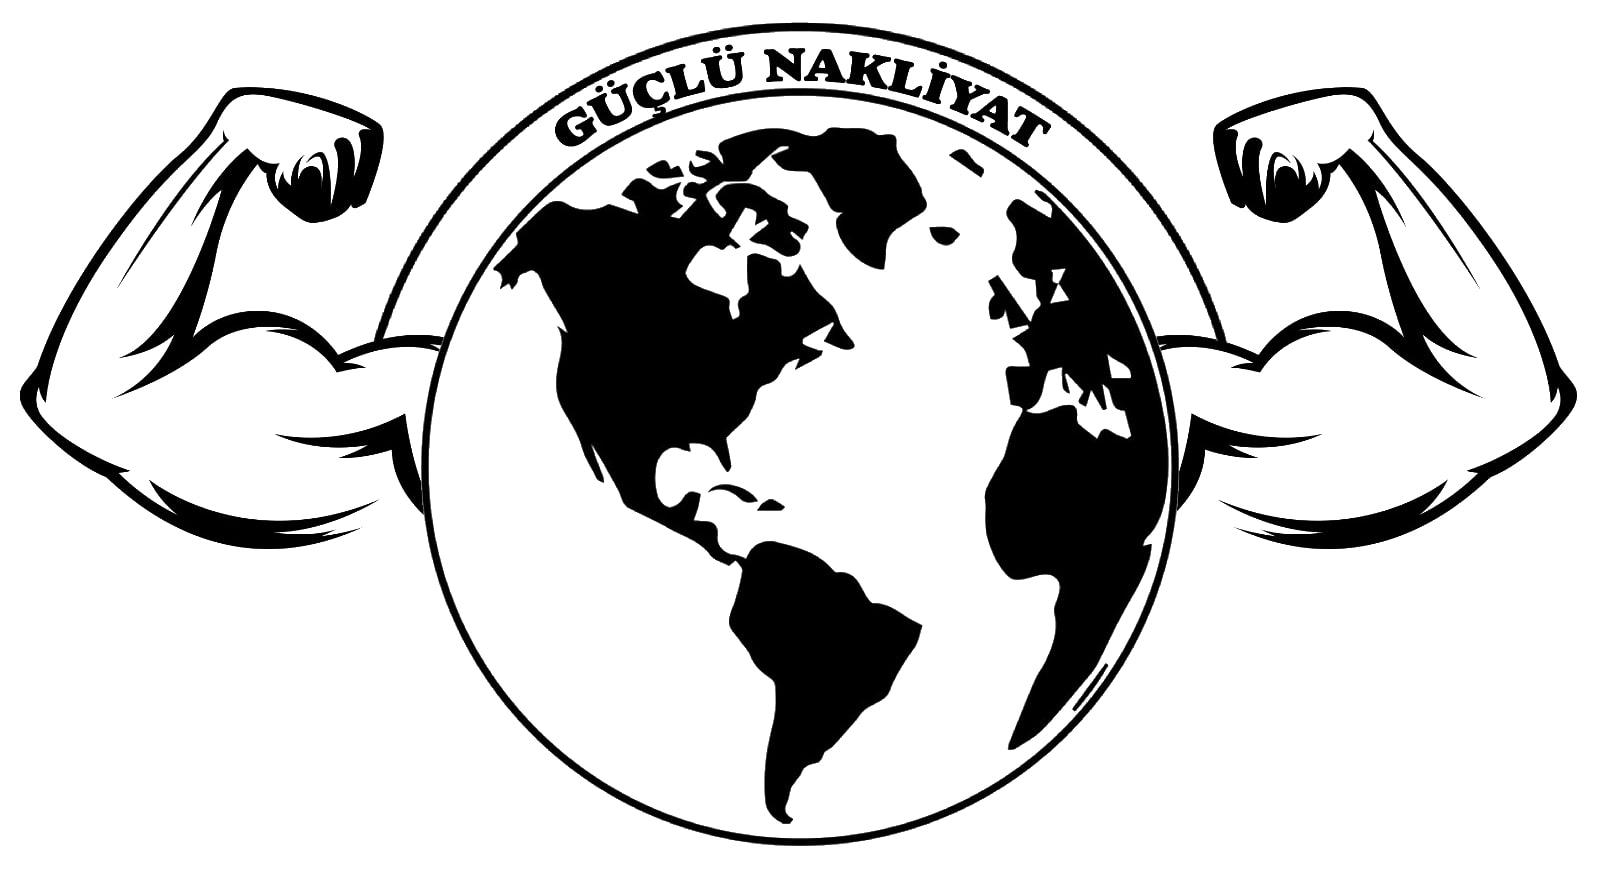 Adana Evden Eve Güçlü Nakliyat